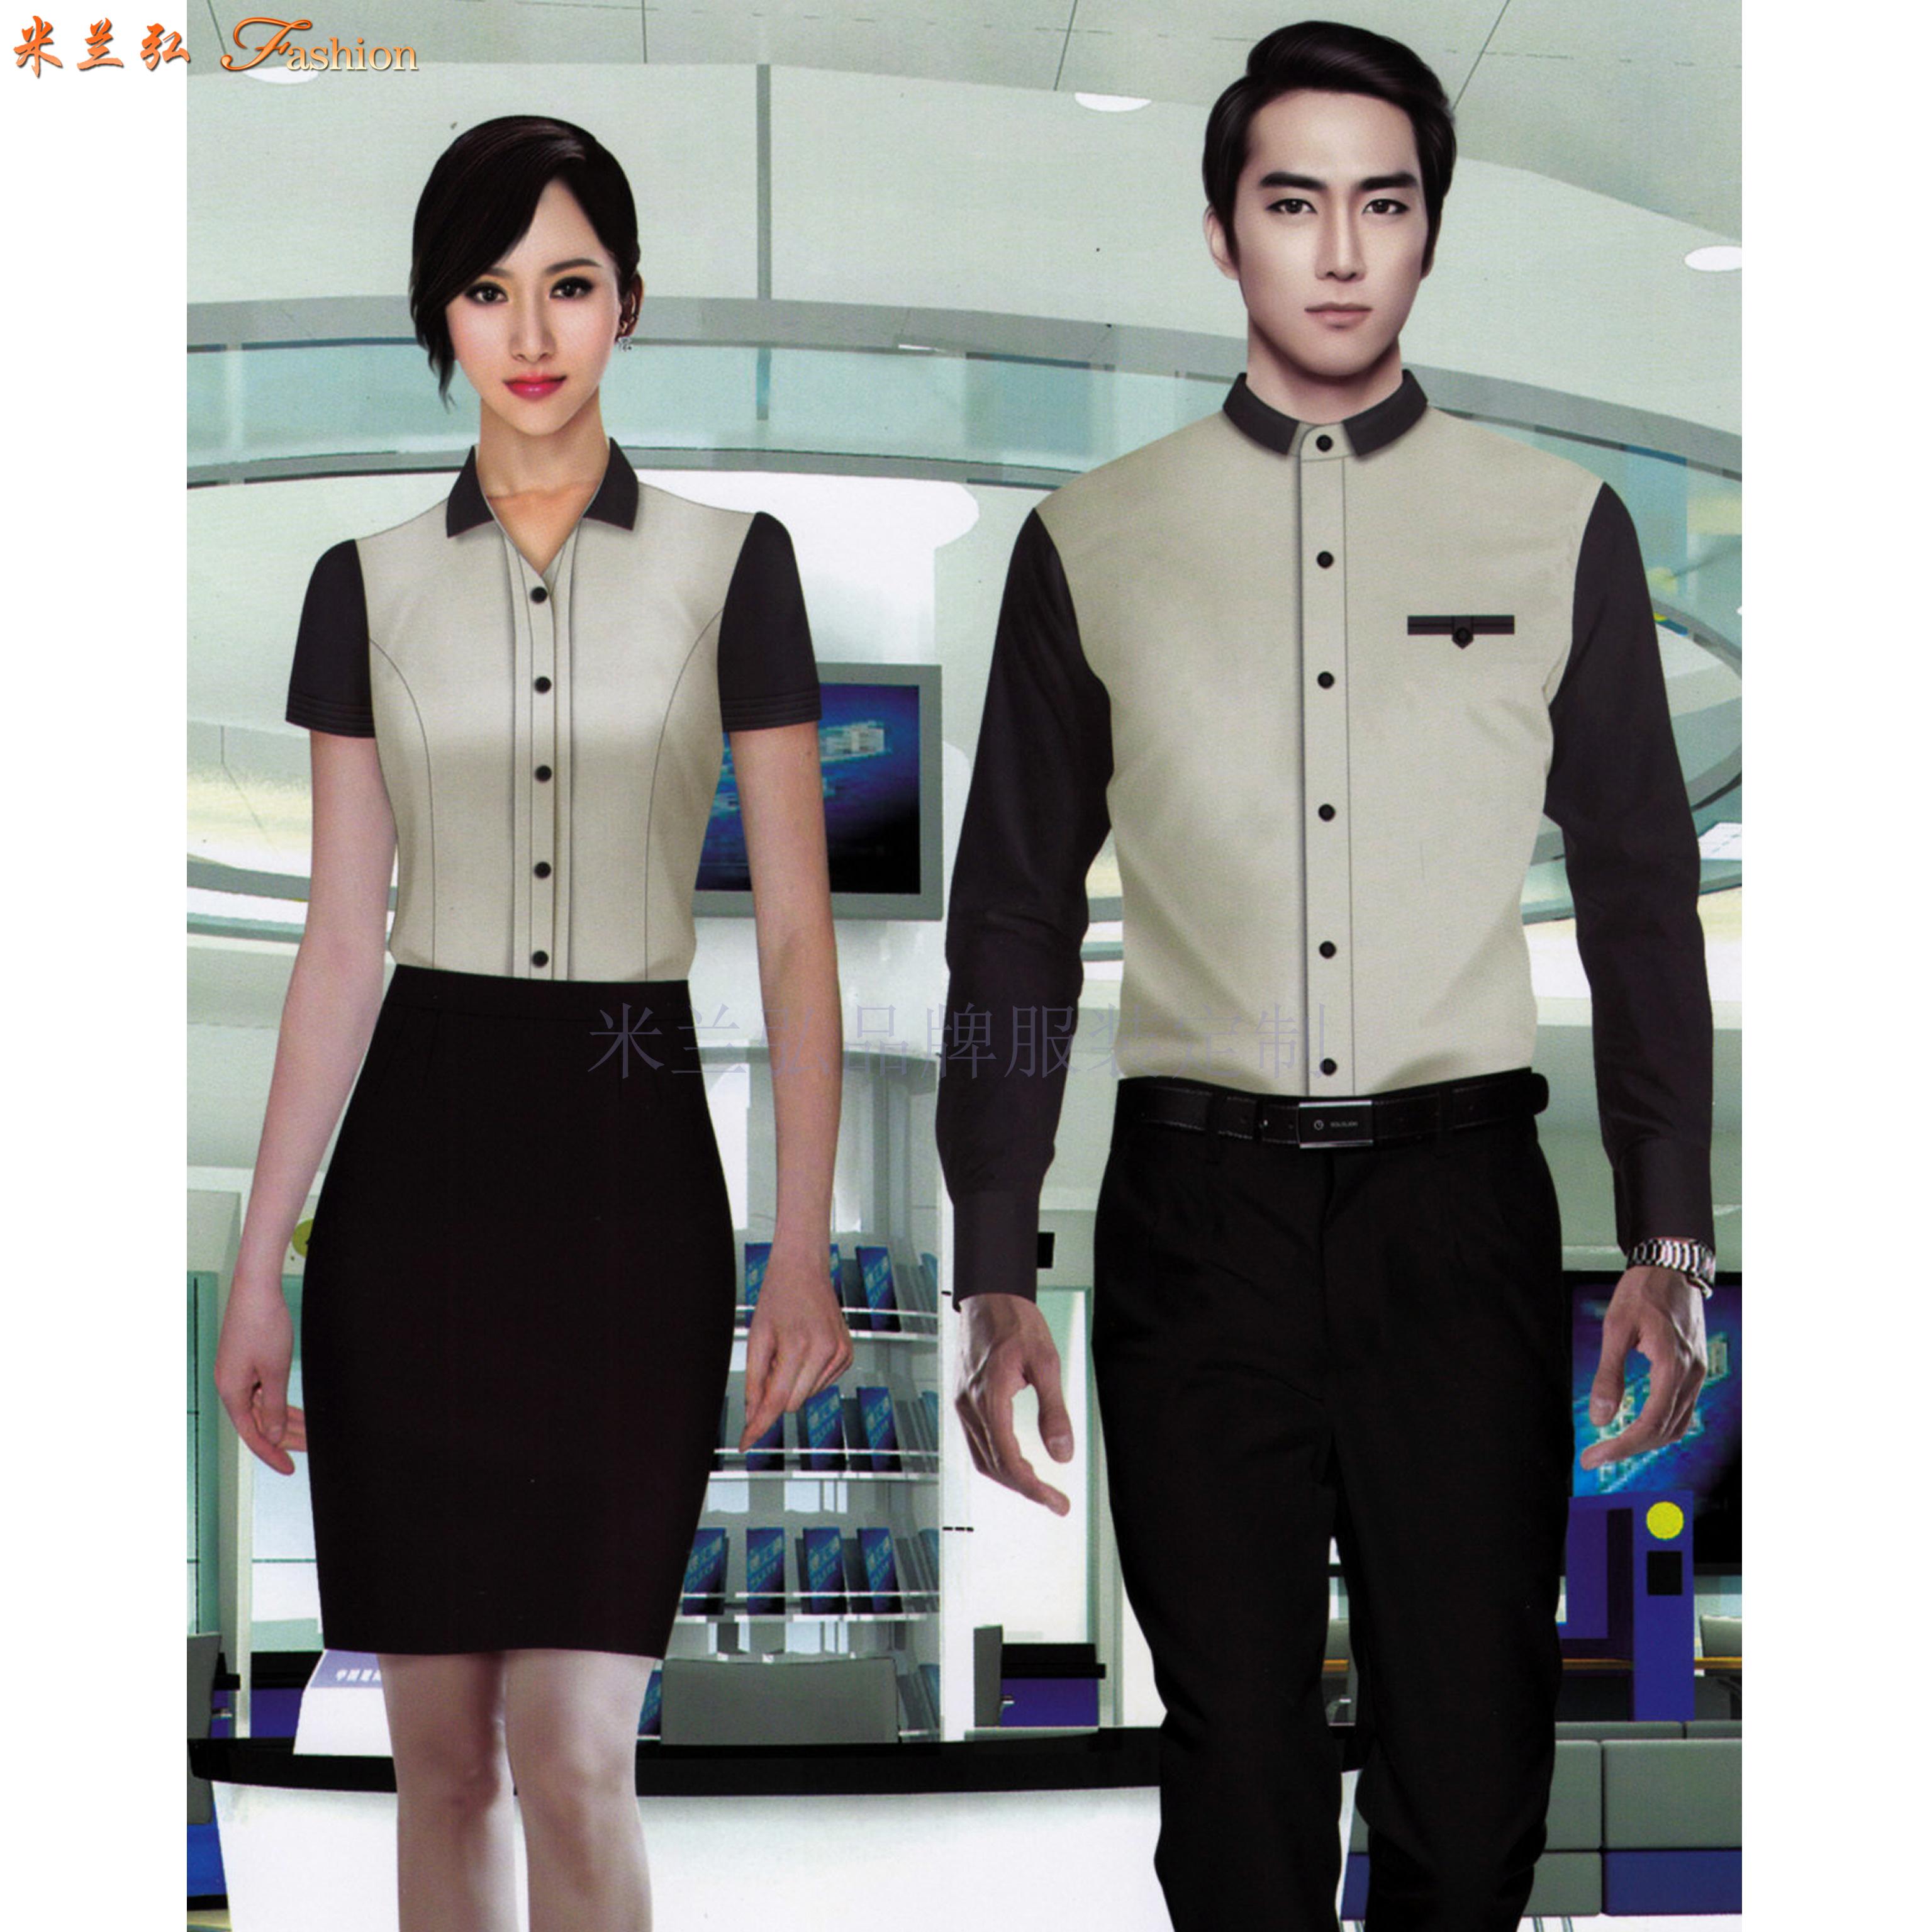 「襯衫搭配」廠家直銷男士女士工作服襯衫搭配款式-米蘭弘服裝-5